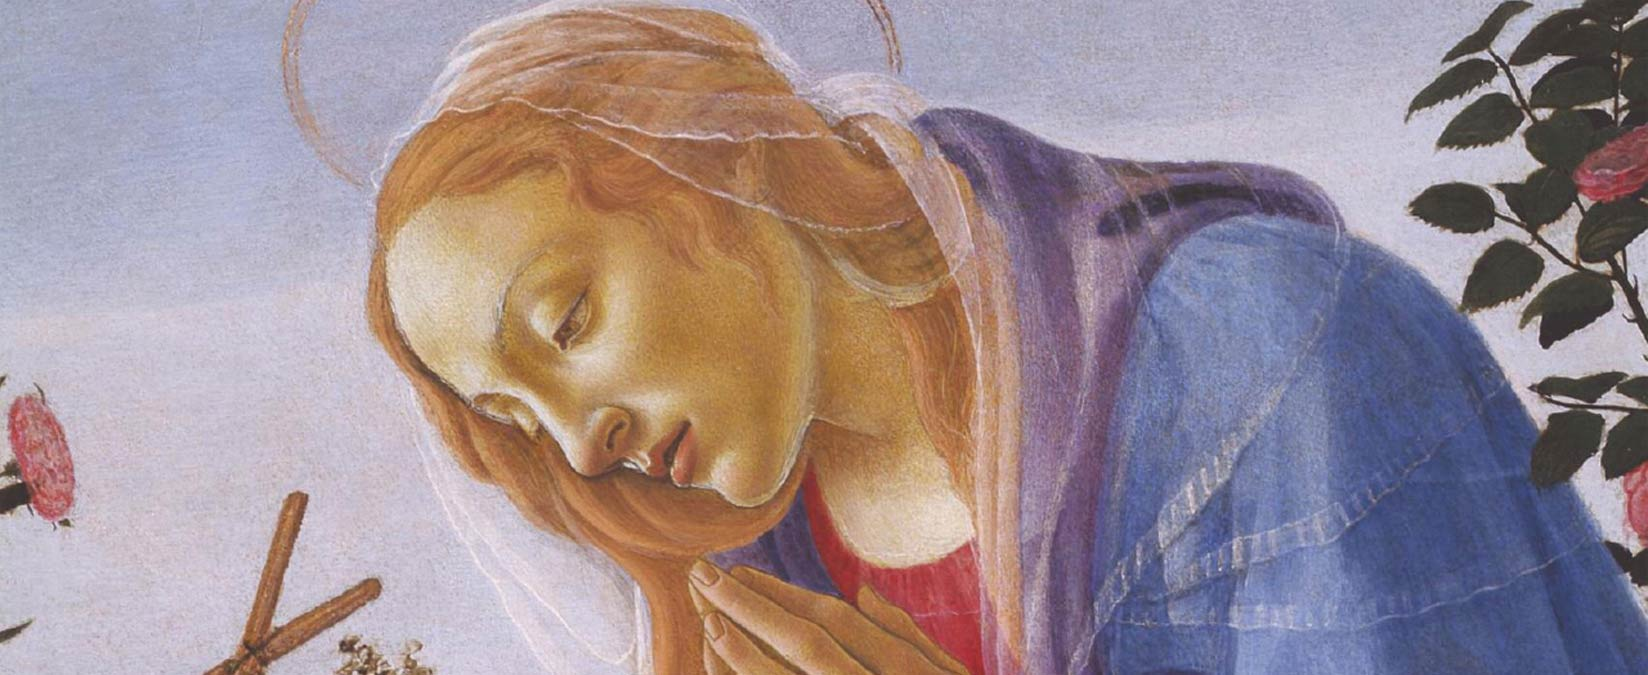 Tondo di Botticelli